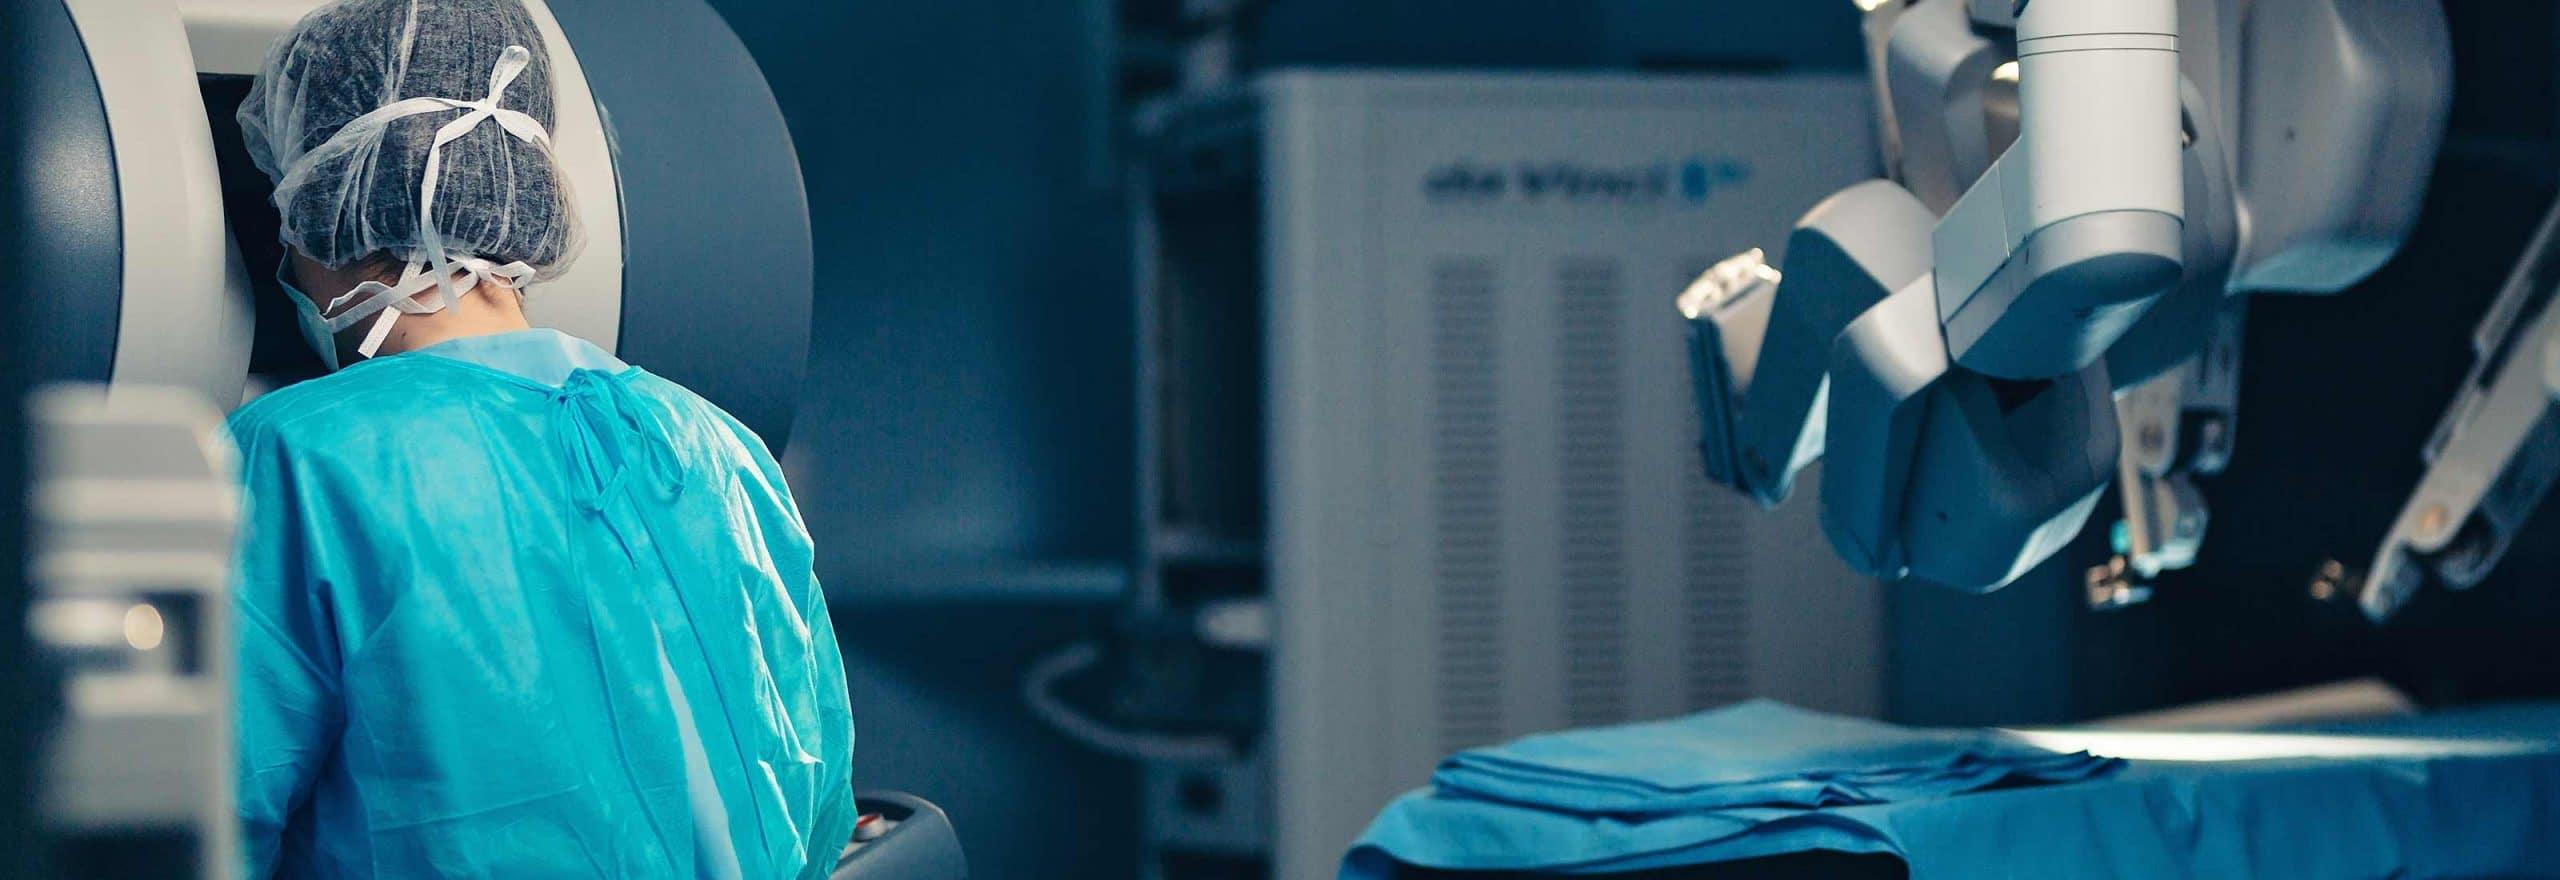 tratamiento posquirúrgico para el cáncer de próstata